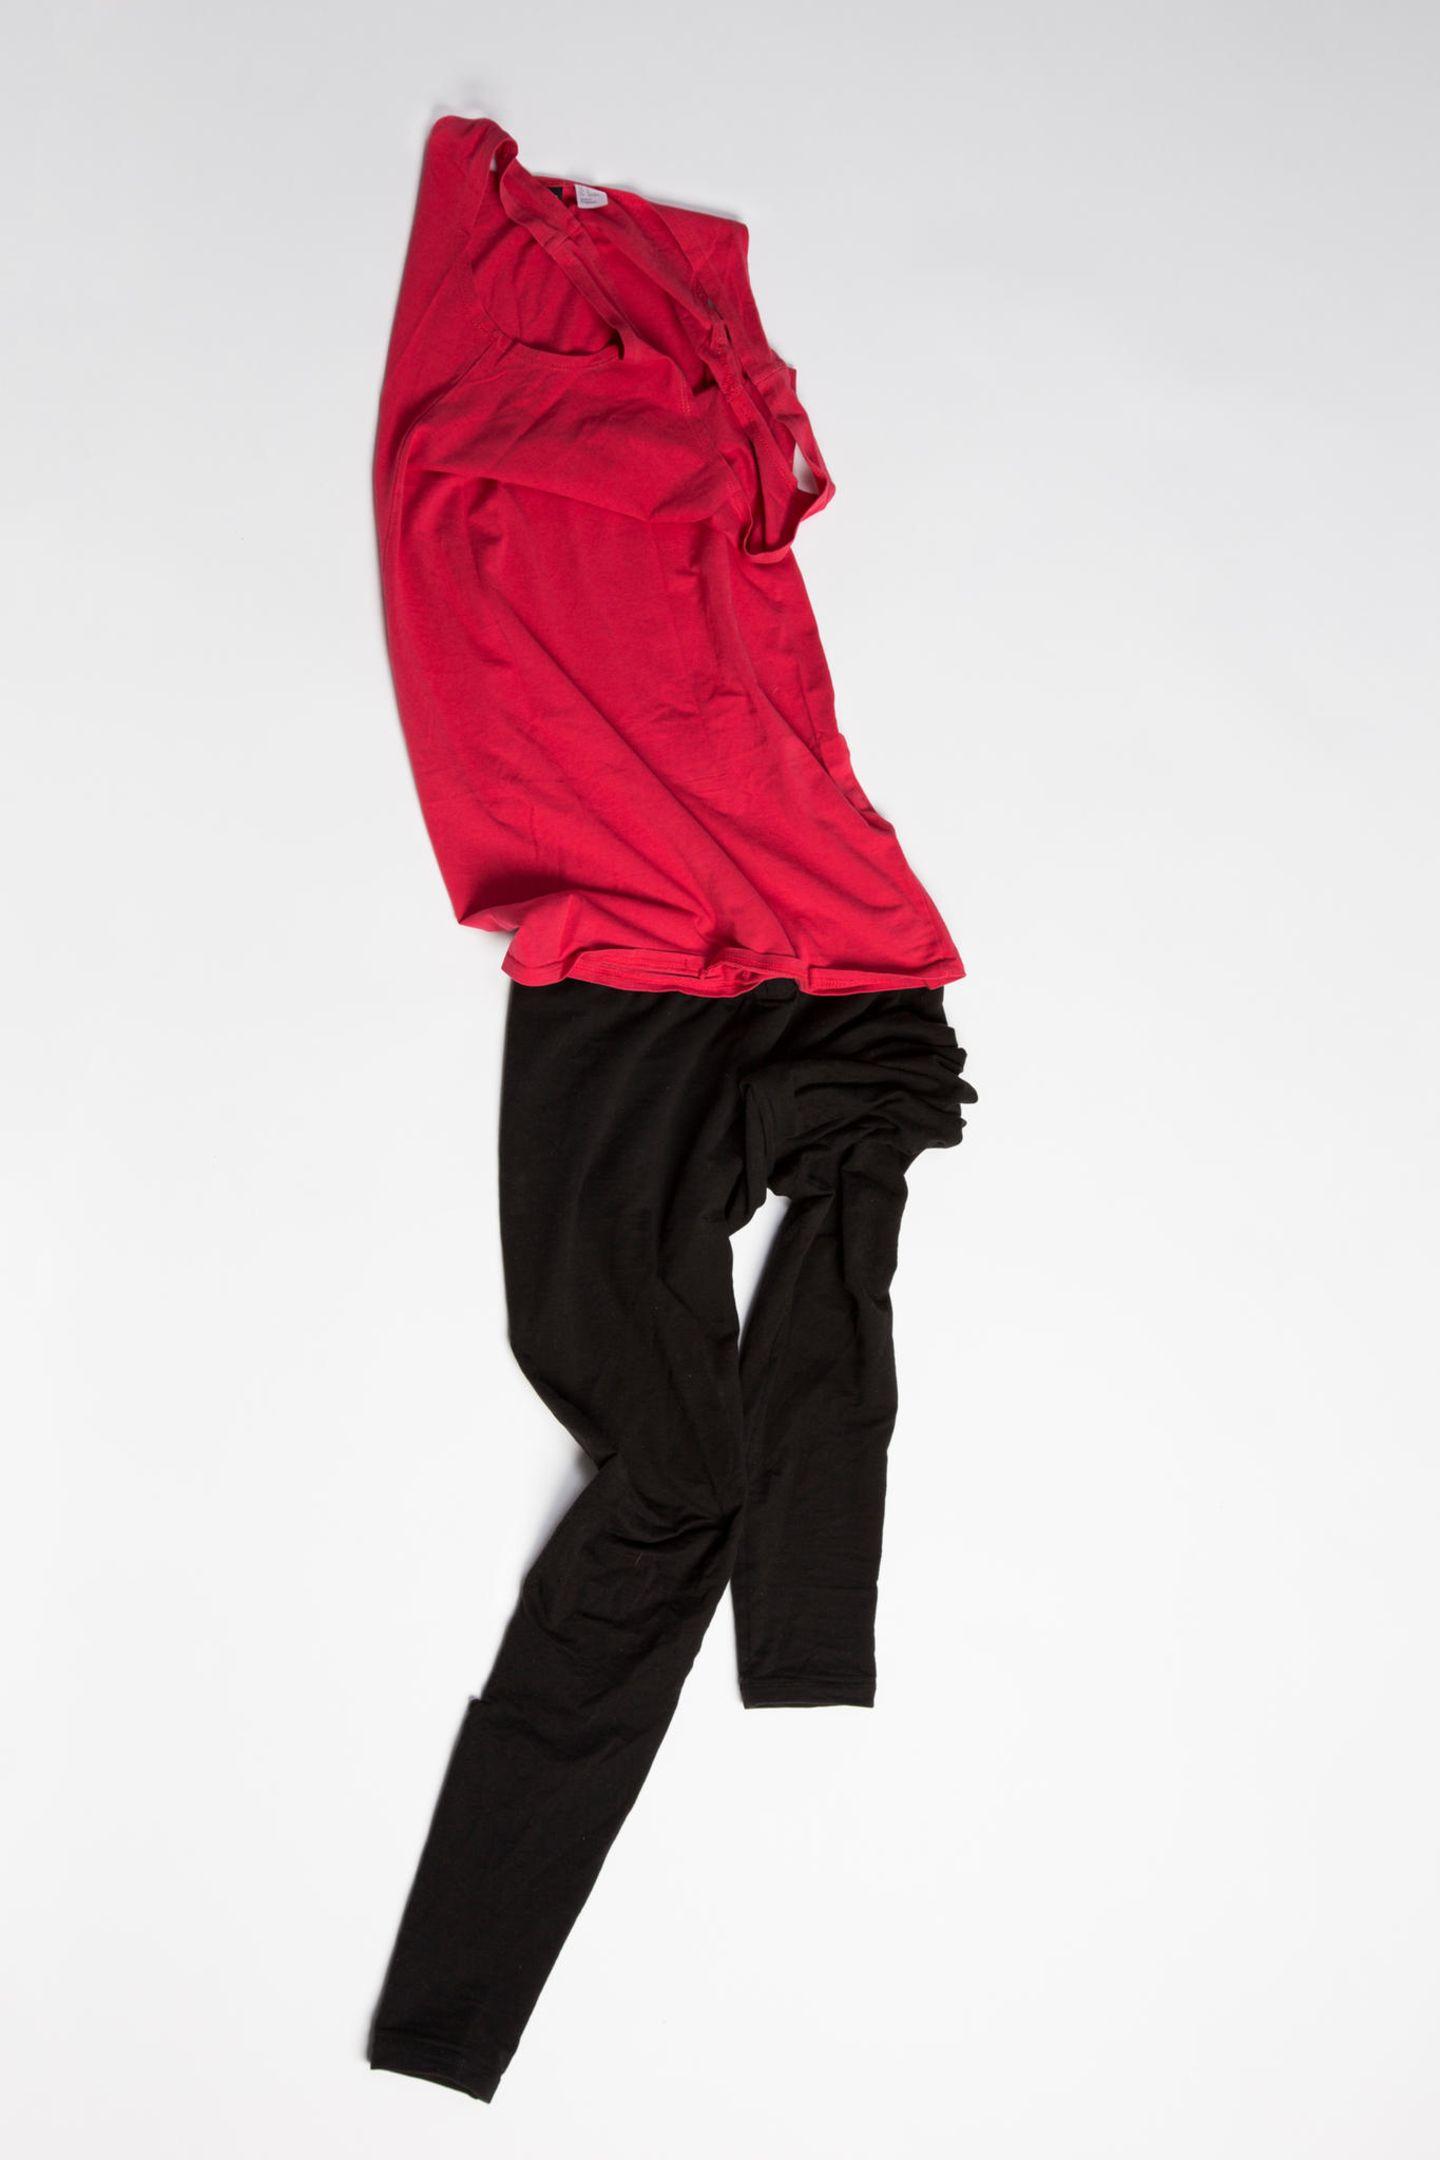 Ausstellung: rotes Oberteil und Hose